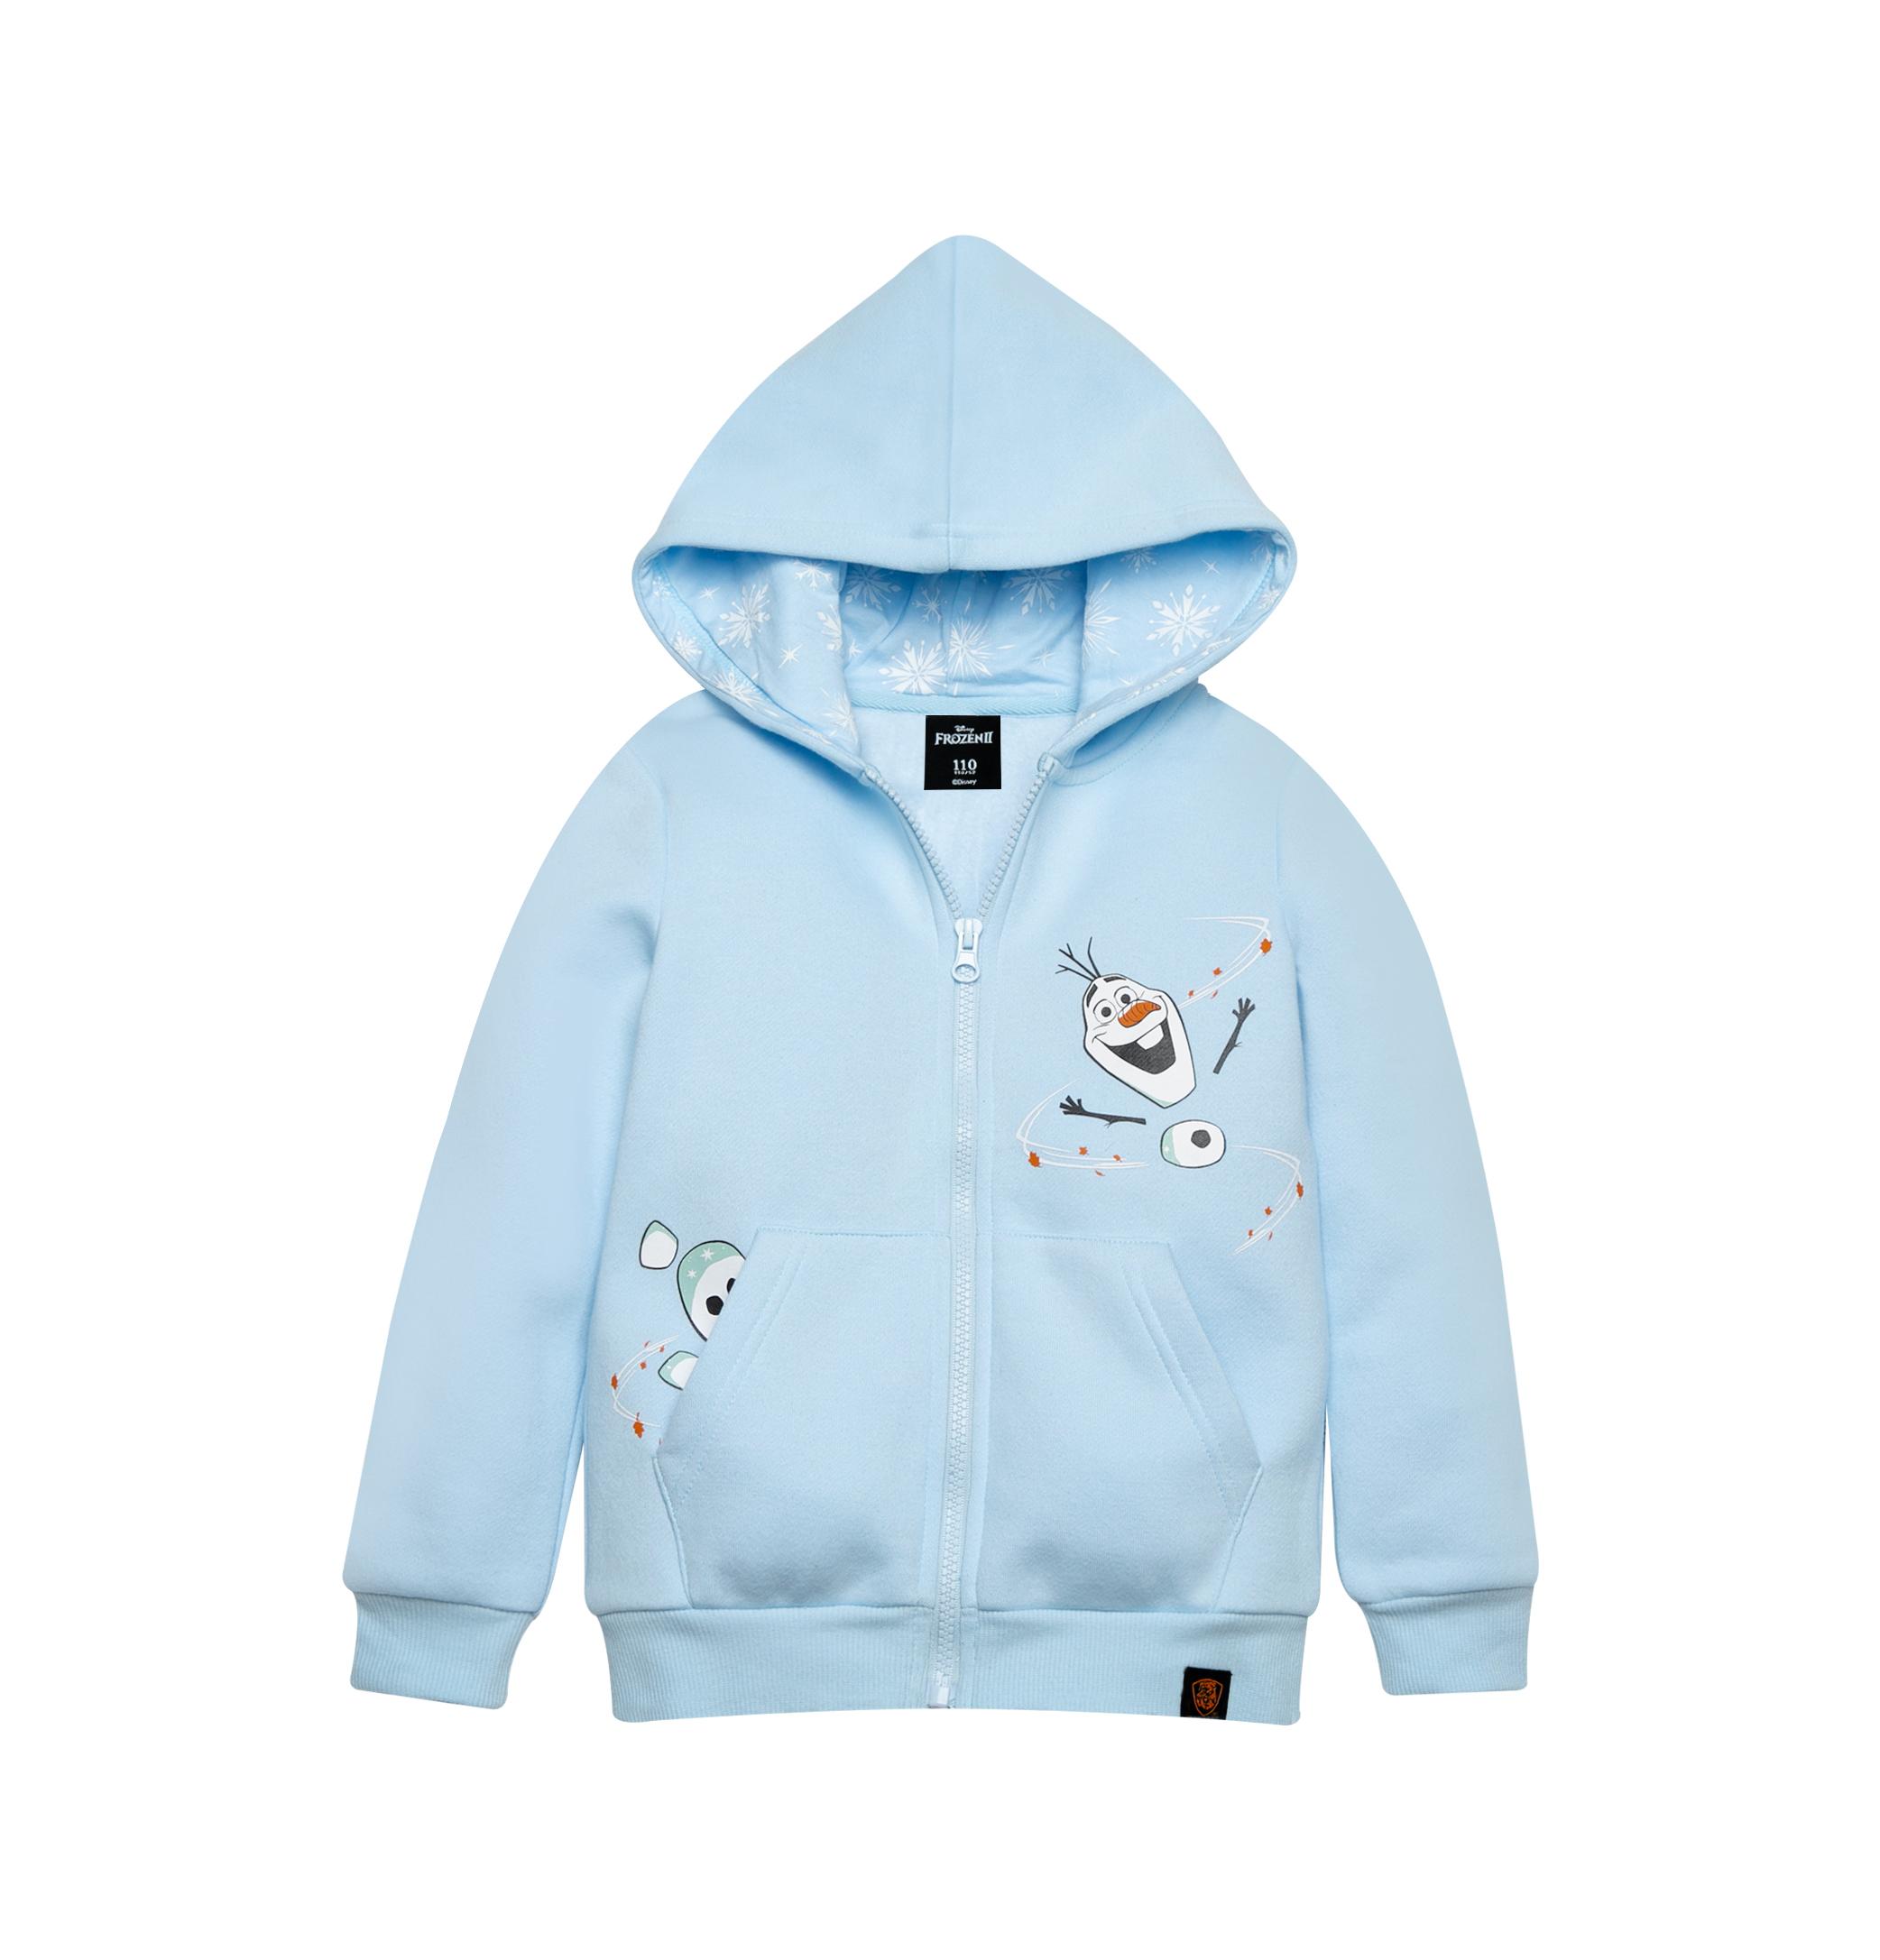 Frozen 2 Series : Olaf - Kids Hoodie Jacket (Blue - Size 110)